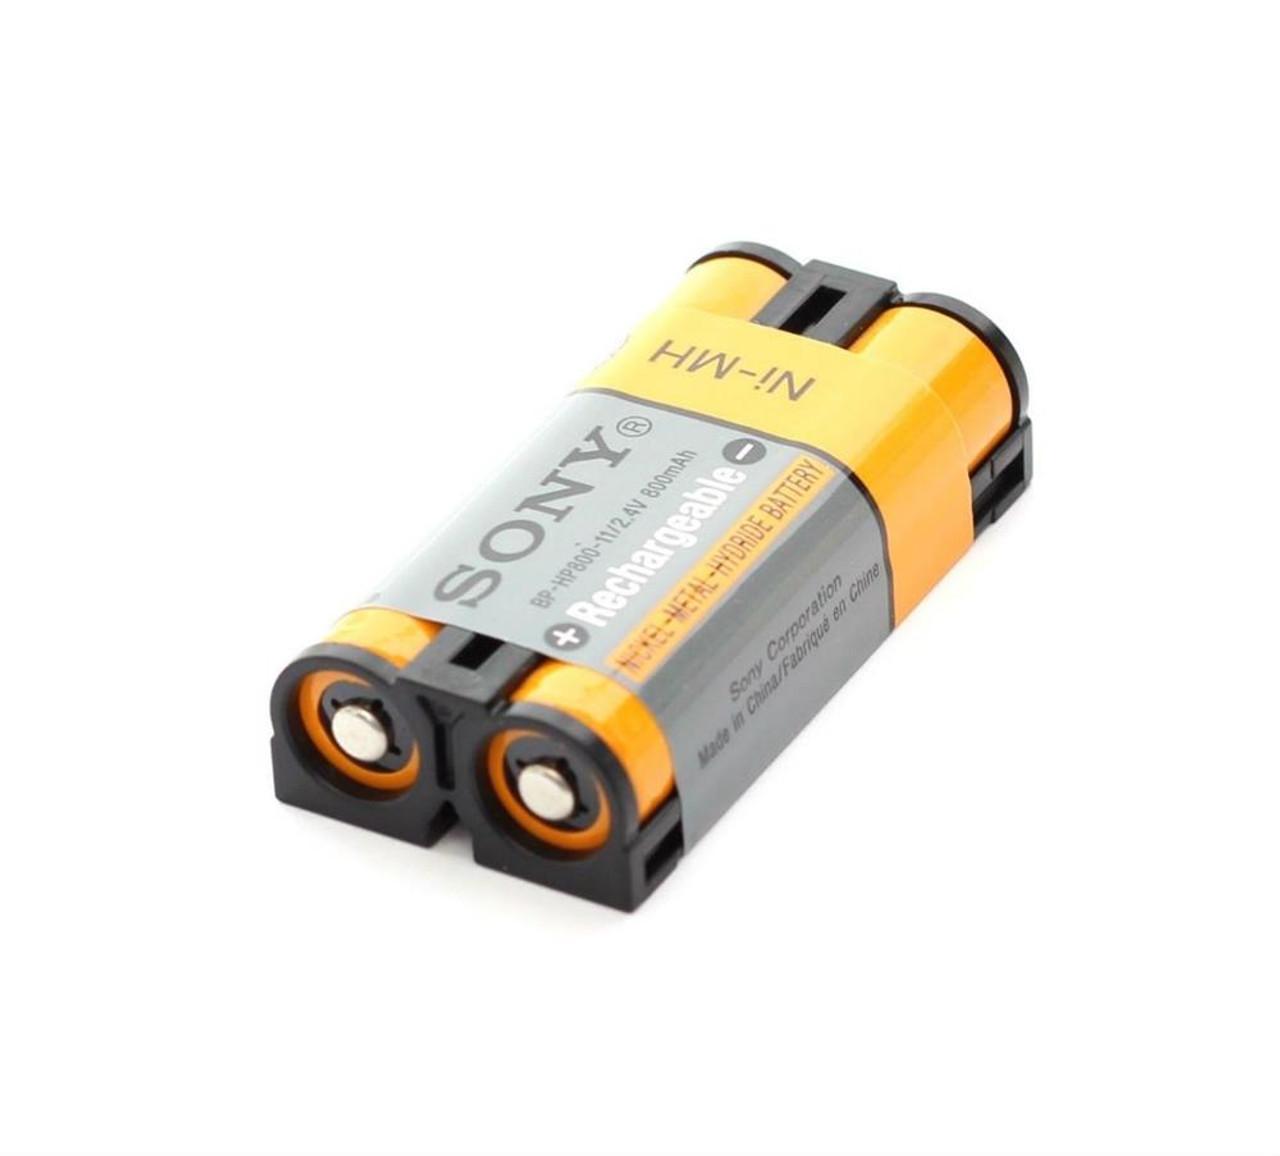 Nickel Metal Hydride Battery >> Bp Hp800 11 Sony 2 4v 800mah Nickel Metal Hydride Rechargeable Battery